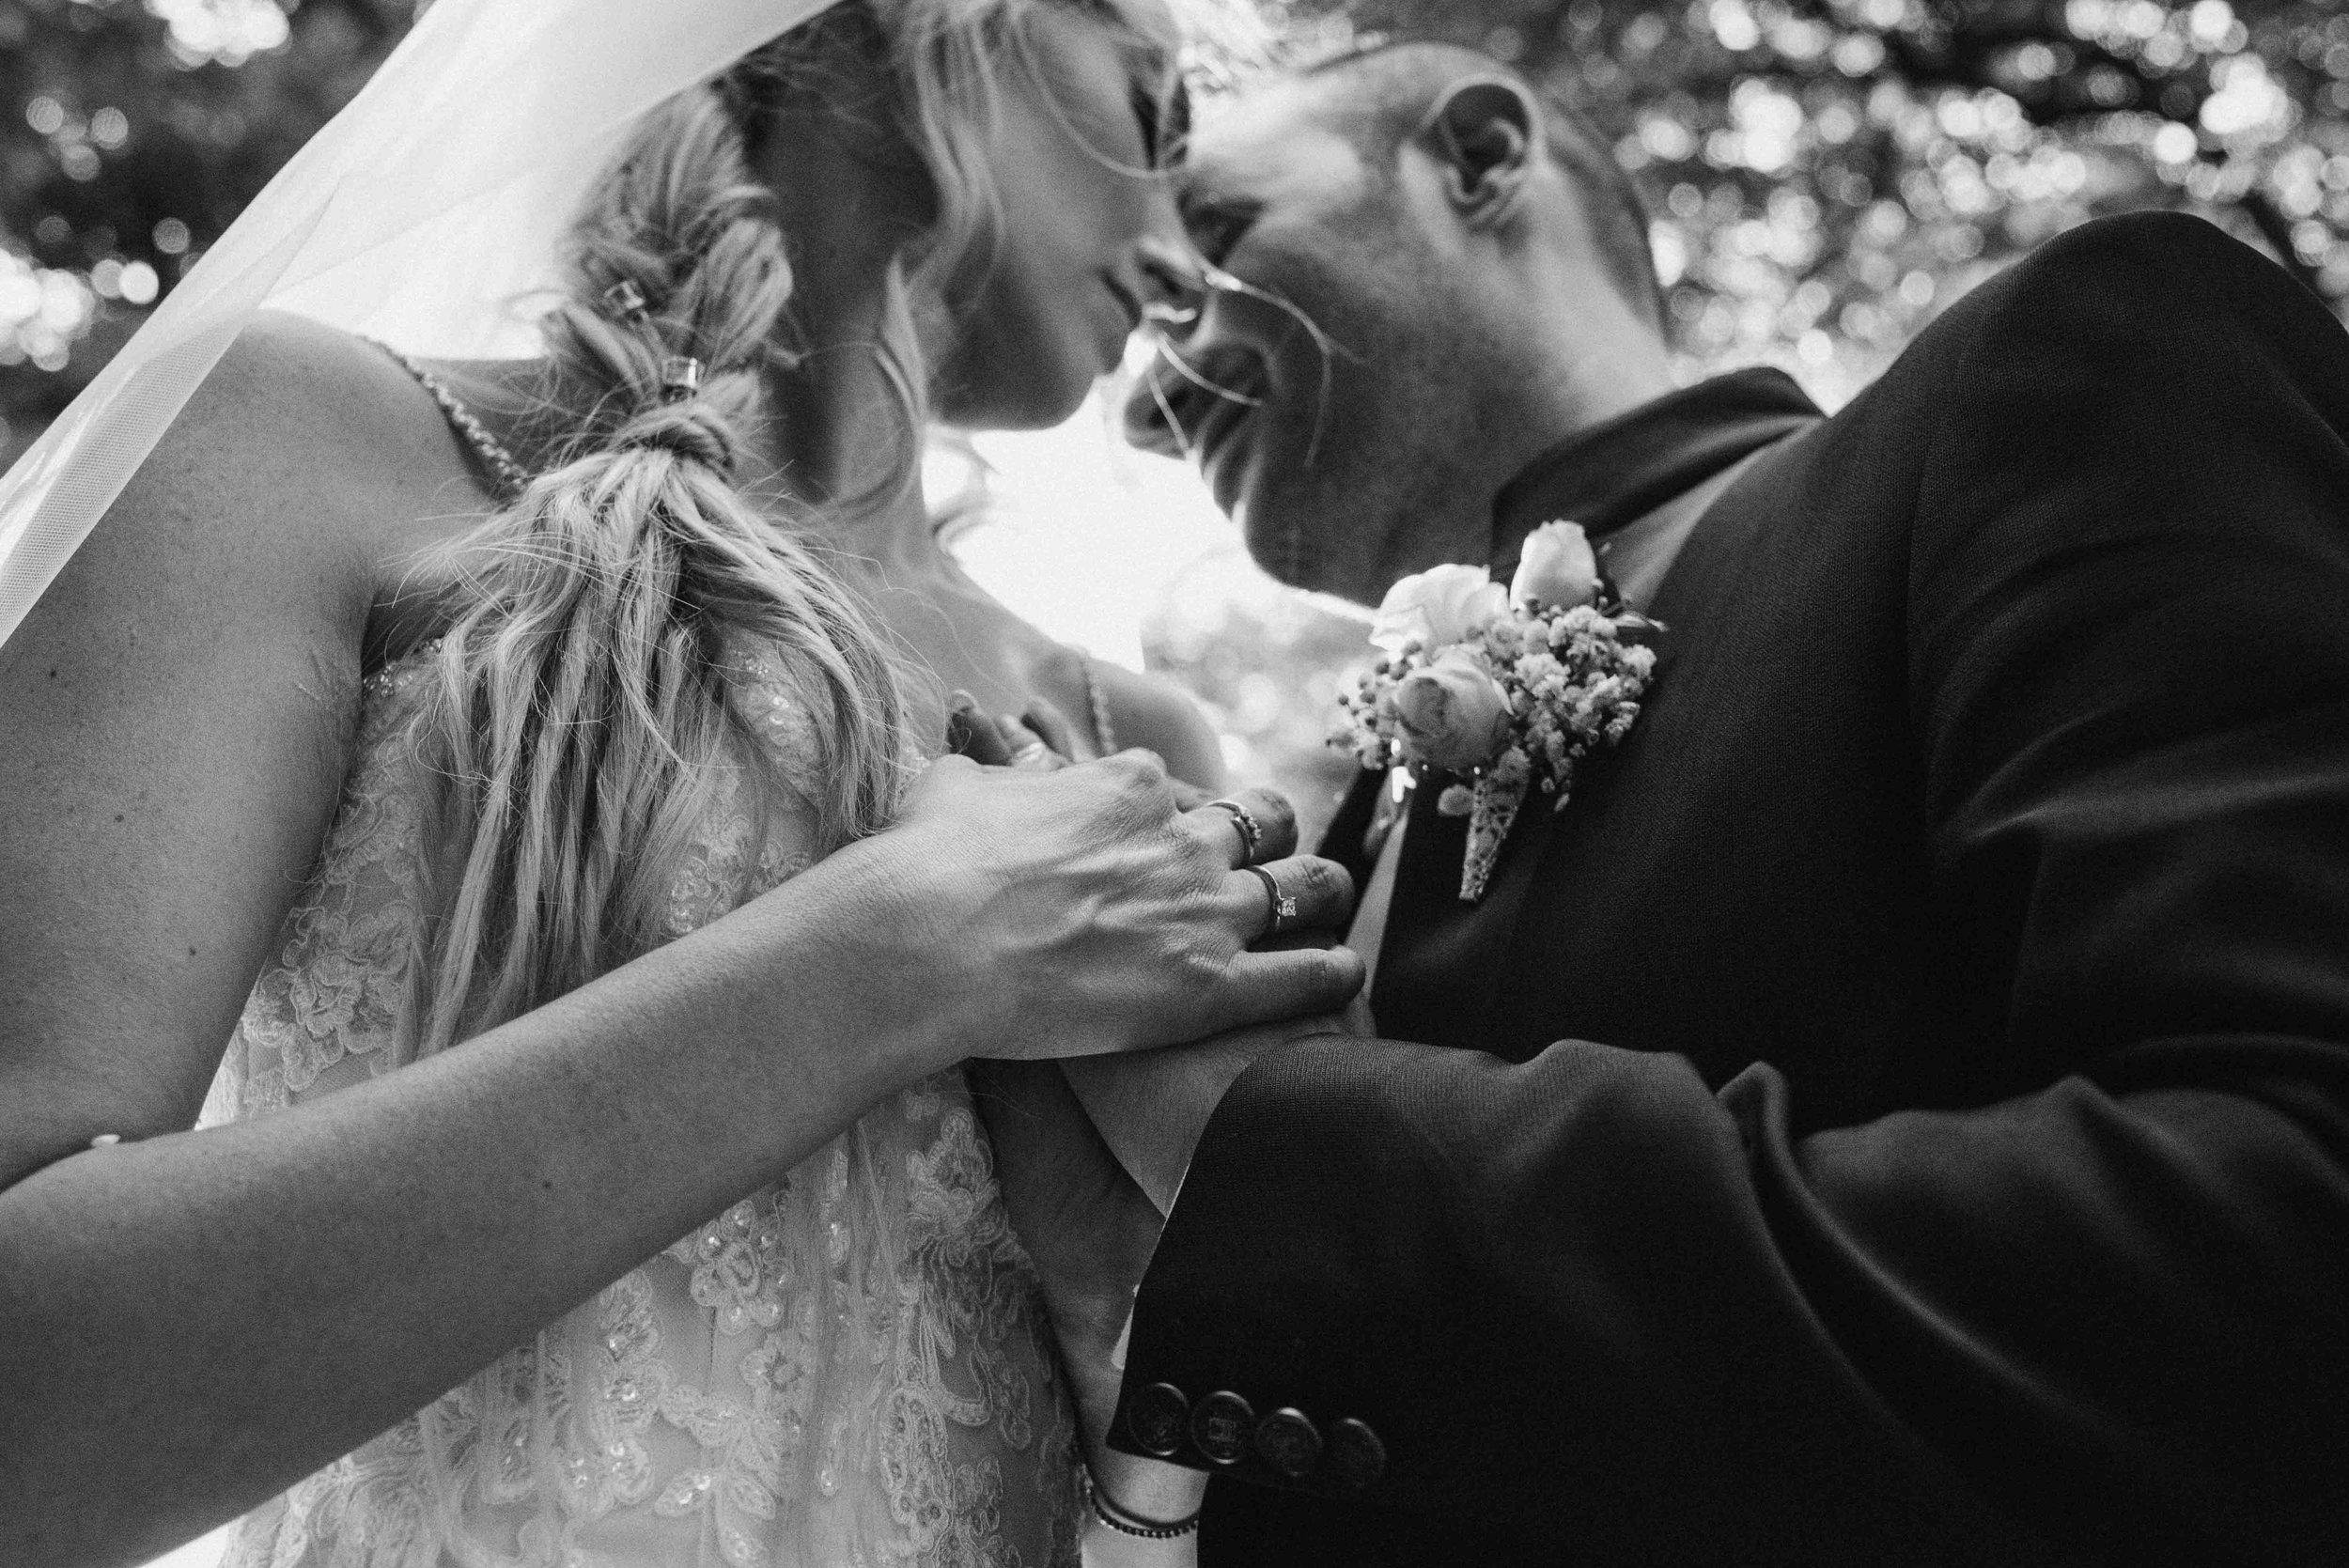 stefano-torreggiani-silvia-roli-palazzo-albergati-fotografo-di-matrimonio (19).jpg